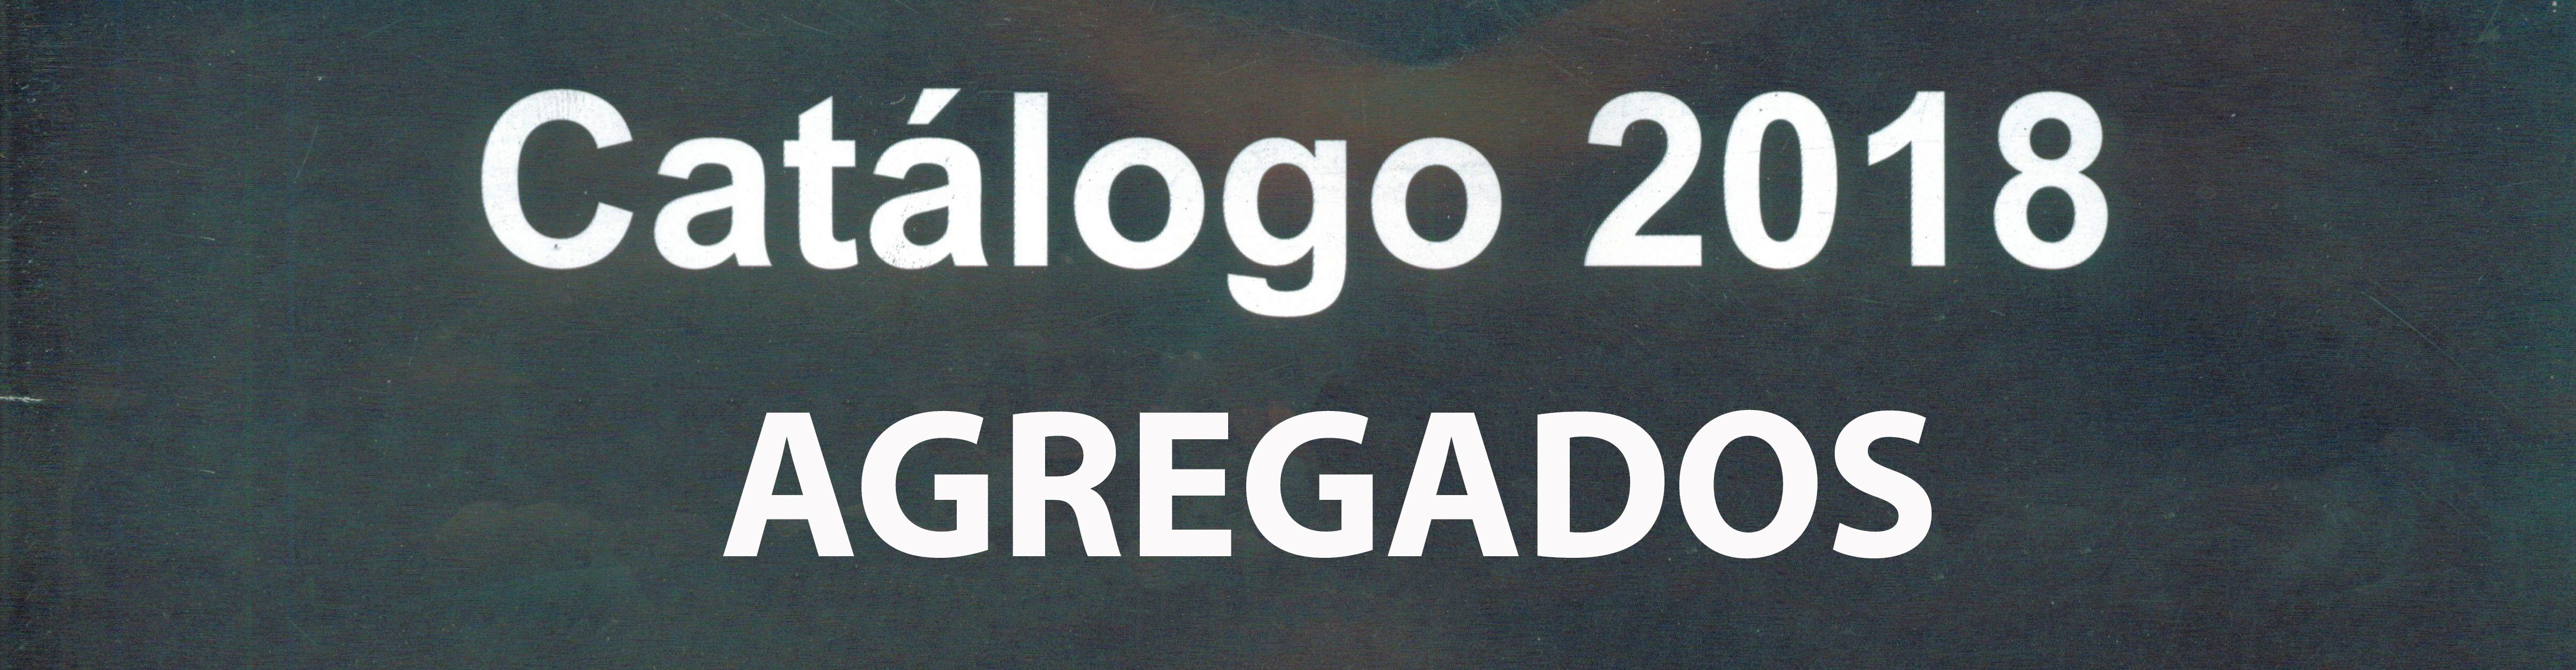 AGREGADOS CATALOGO 2018 (DICIEMBRE 2019)